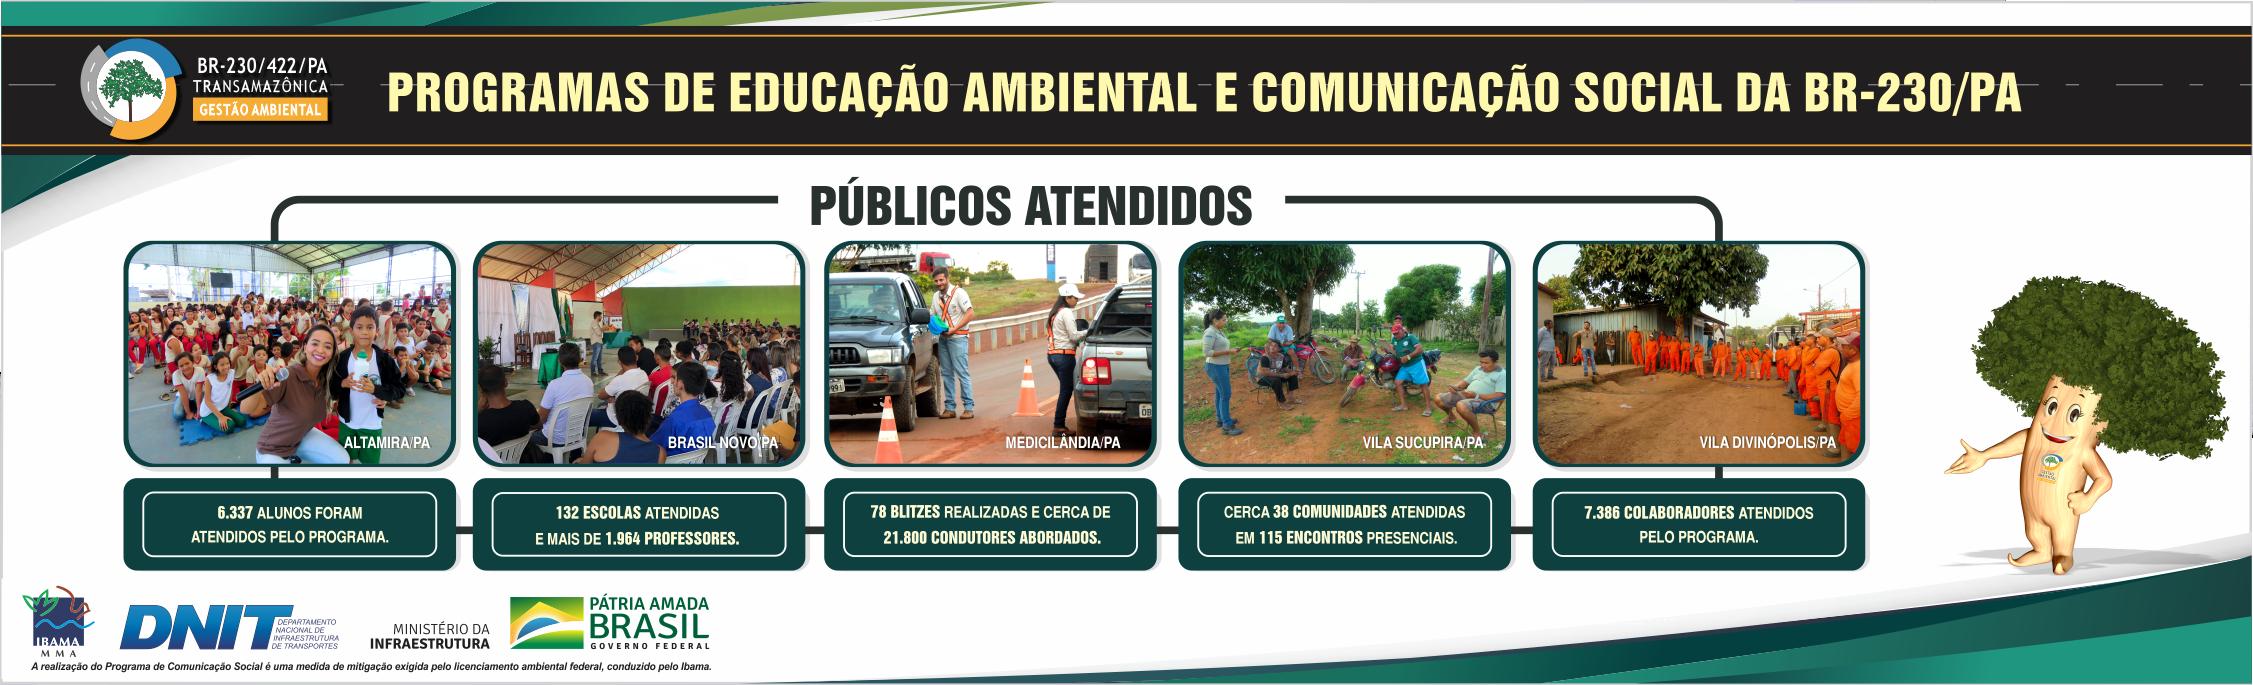 BANNER_SITE_Público_PEA_PCS_BR-230_Vs_00